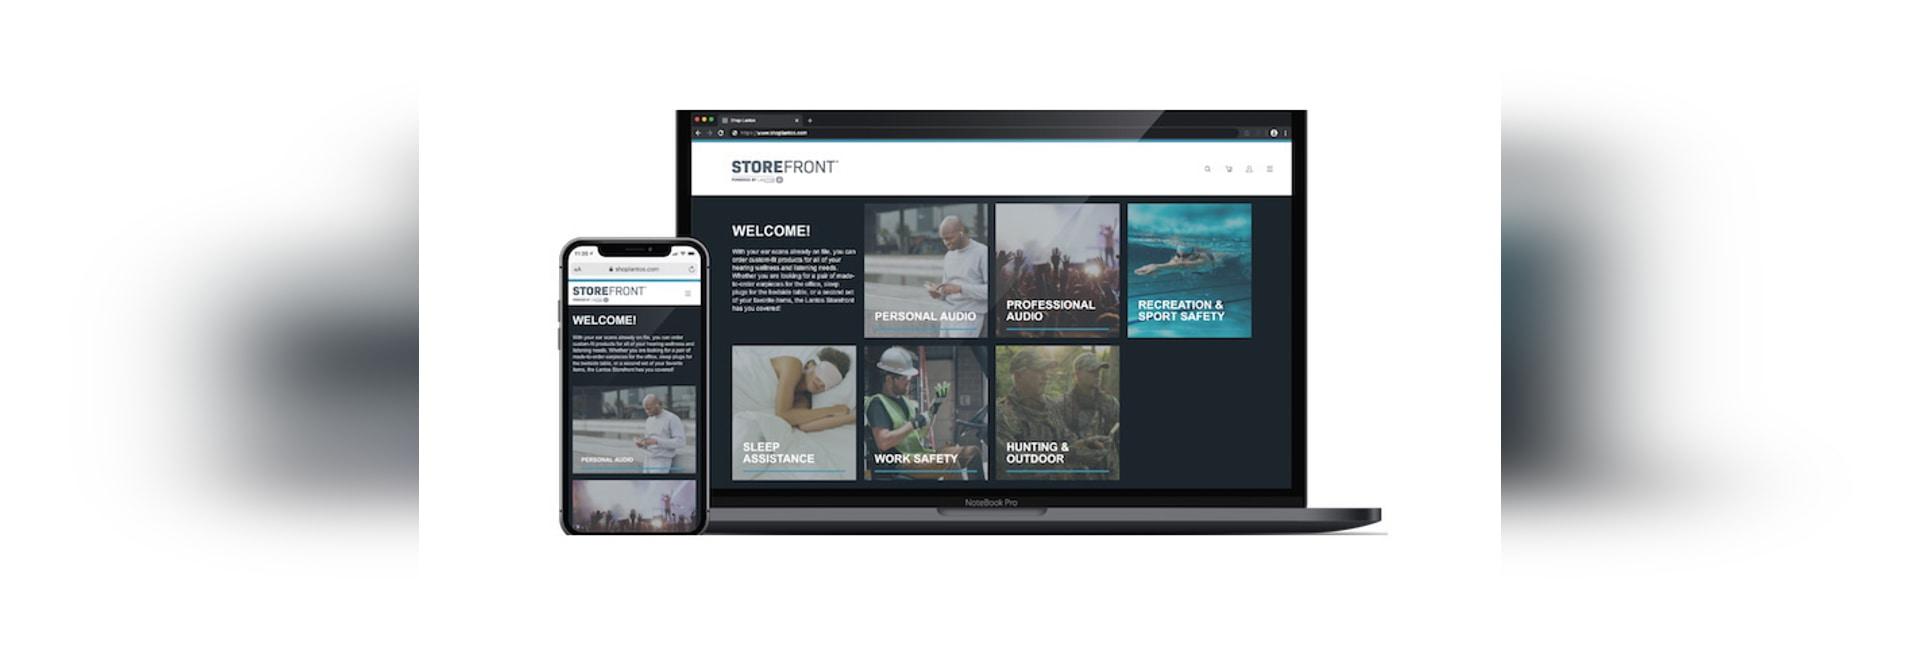 El portal de productos B2C en oído lanzado por Lantos